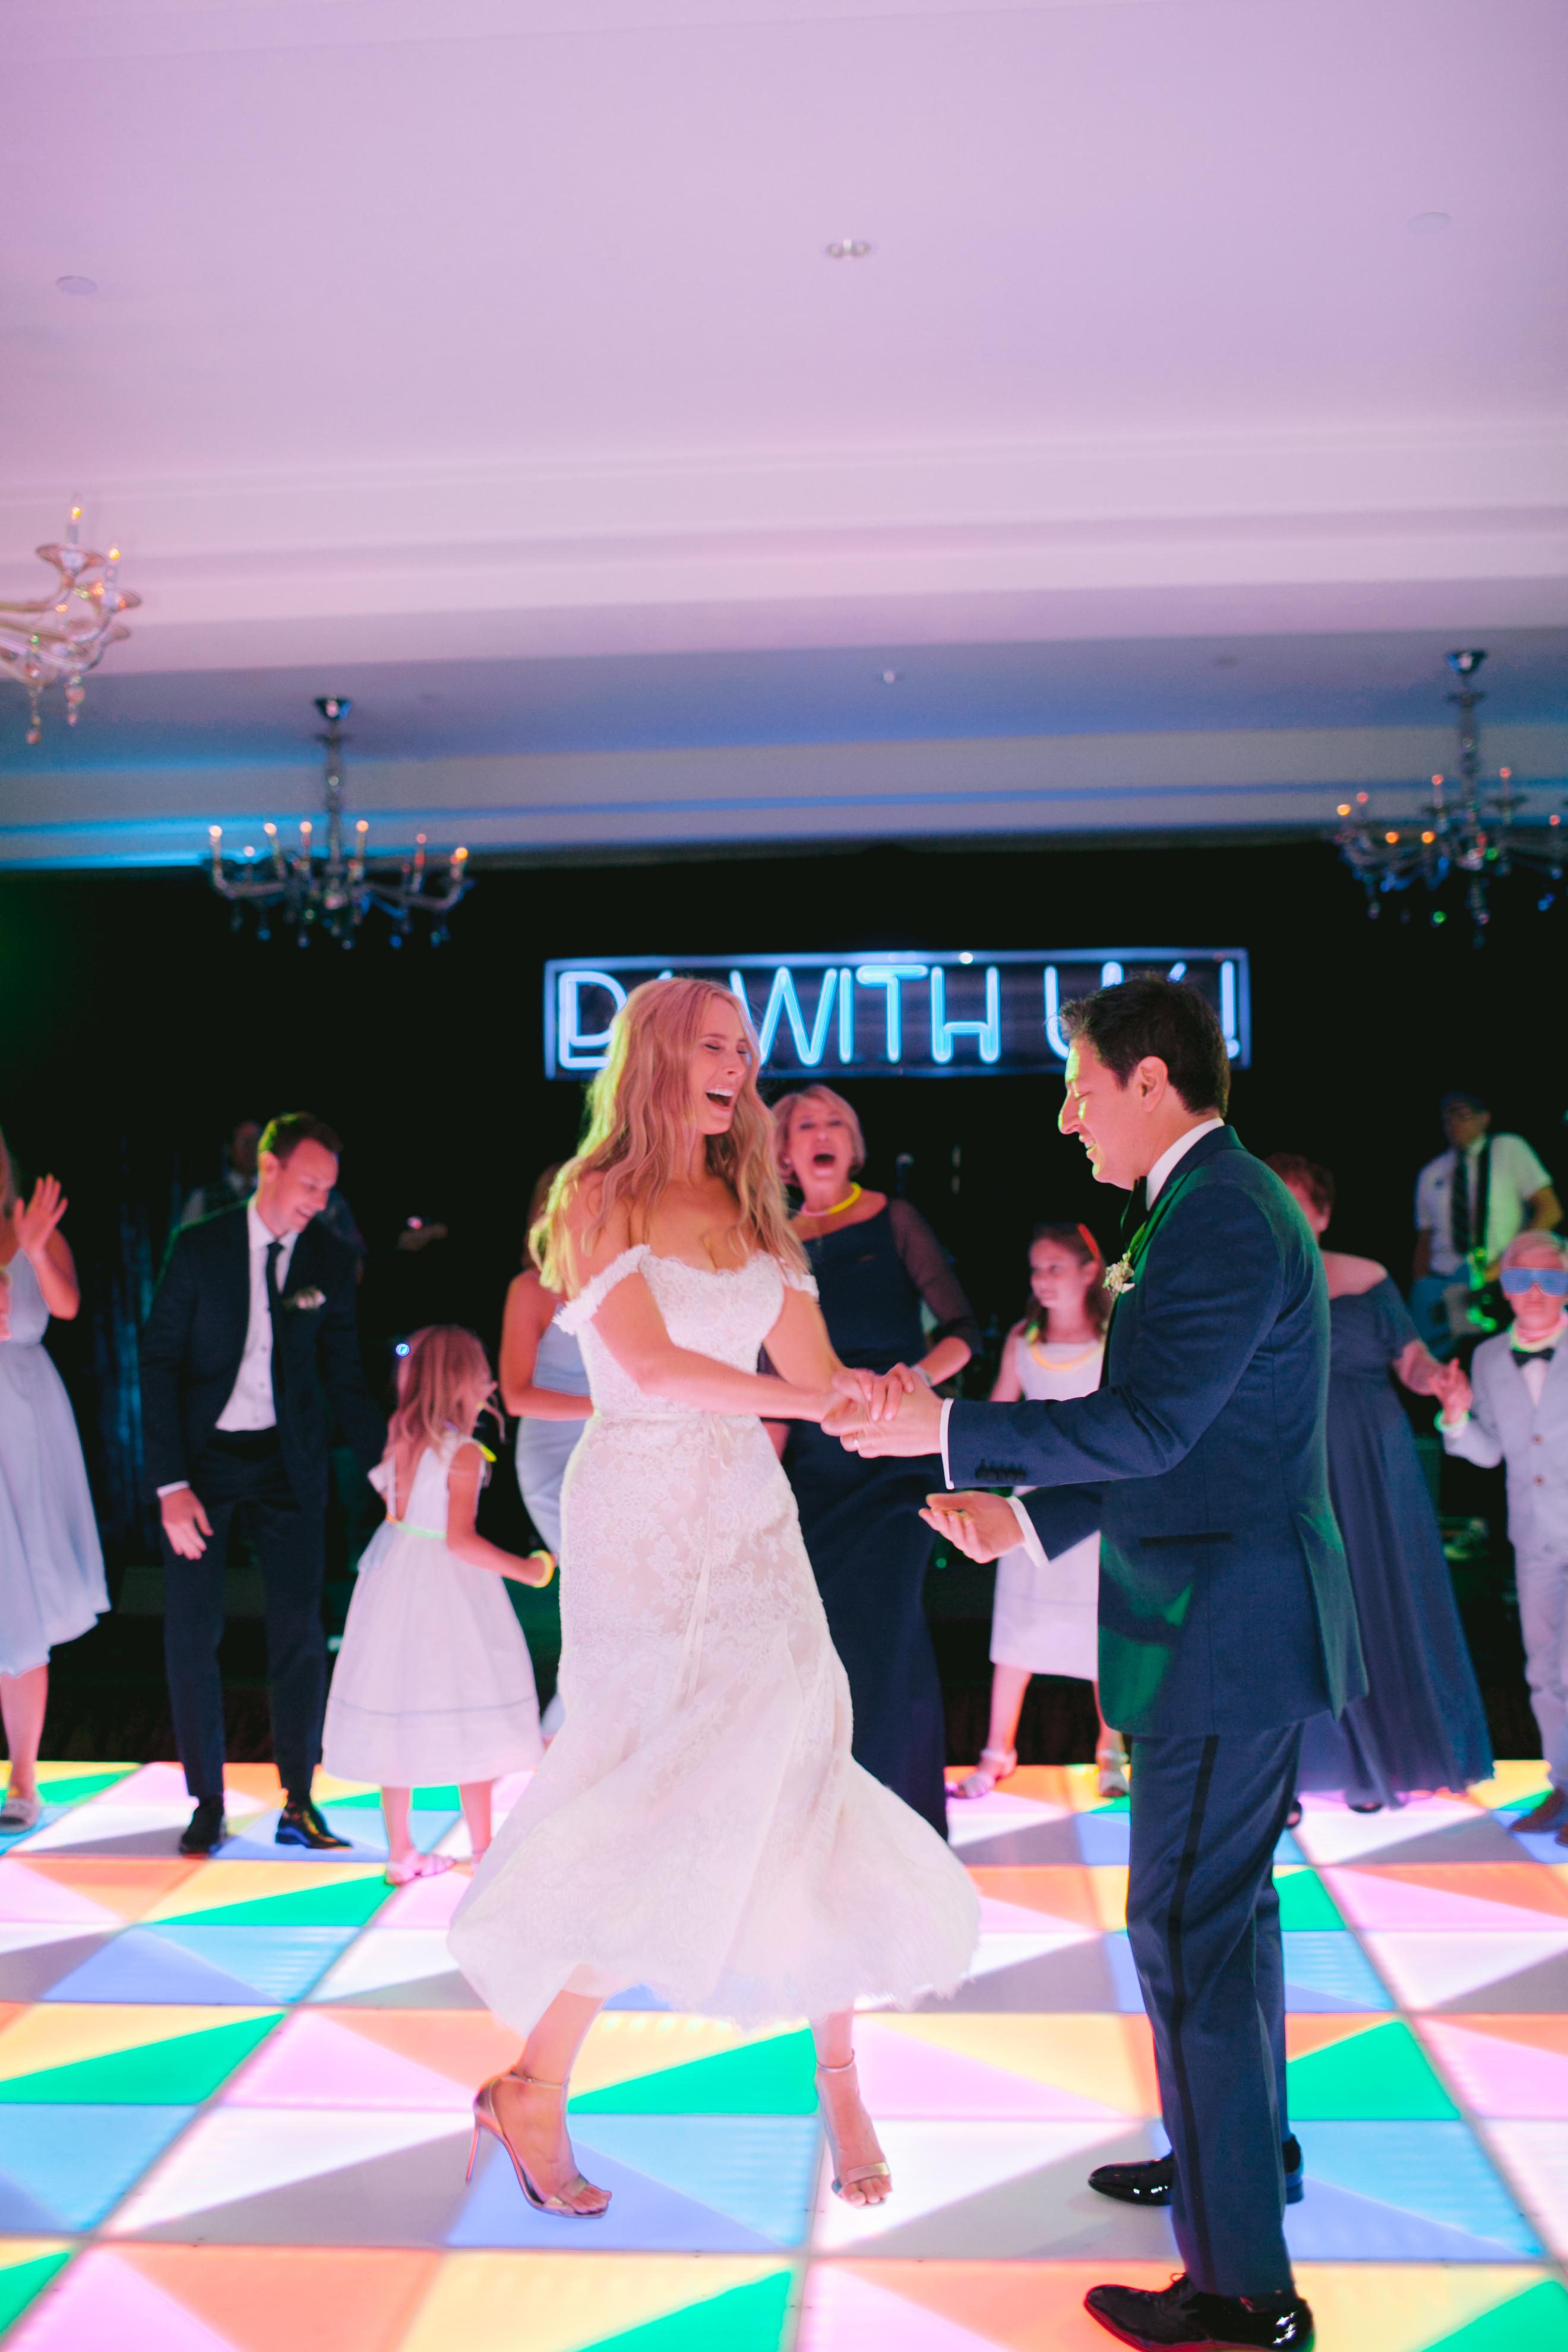 katy michael wedding couple dancing